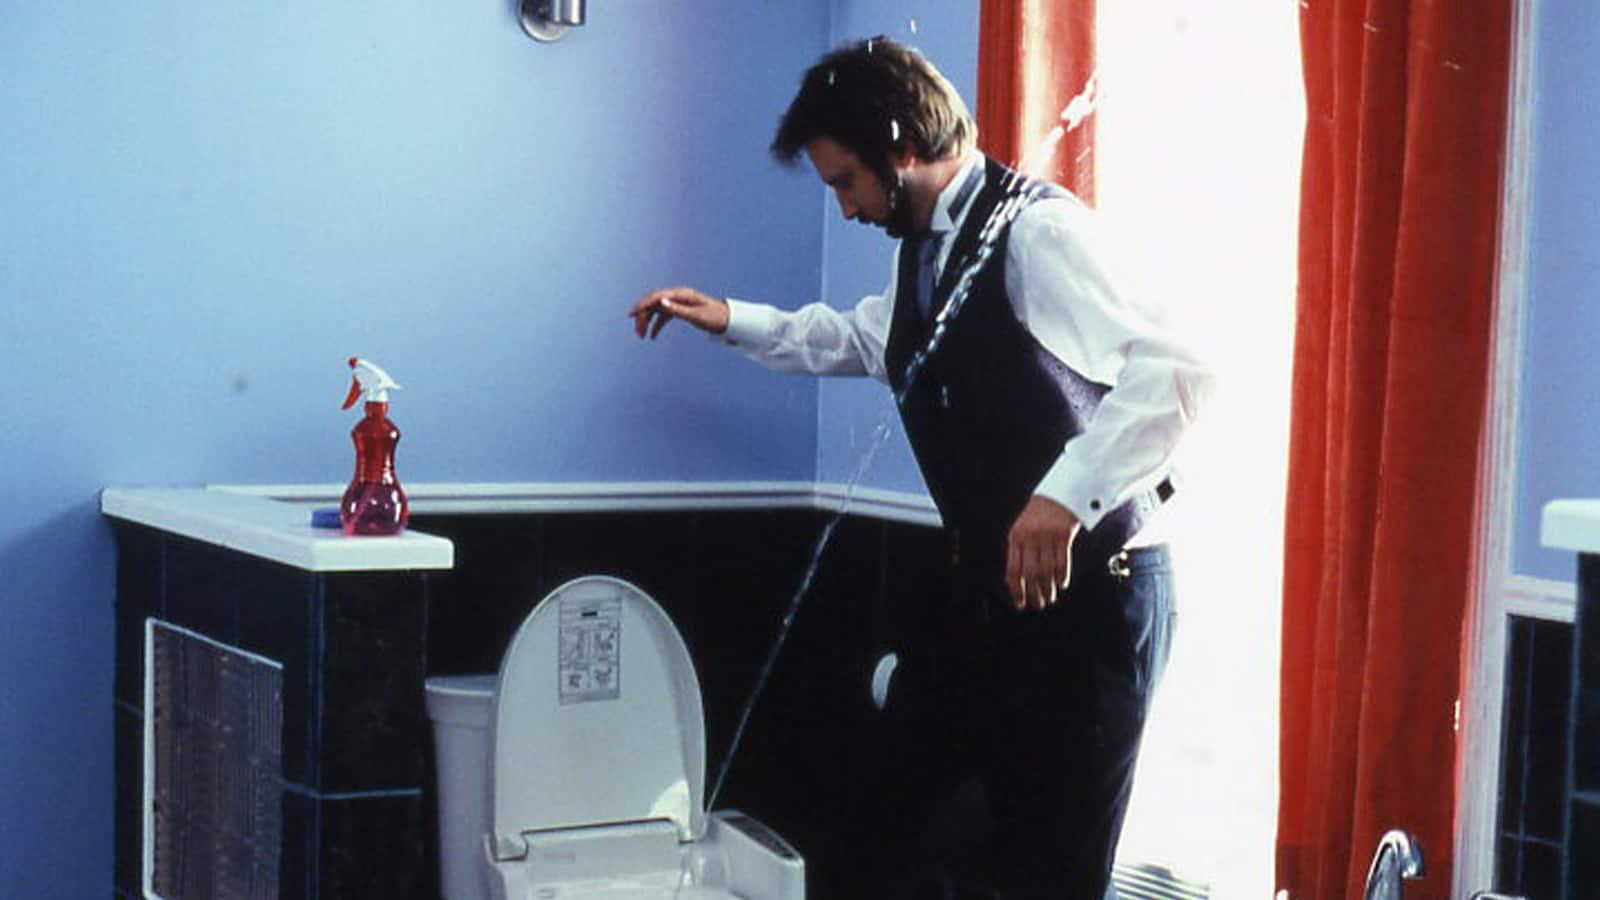 bob-the-butler-2005